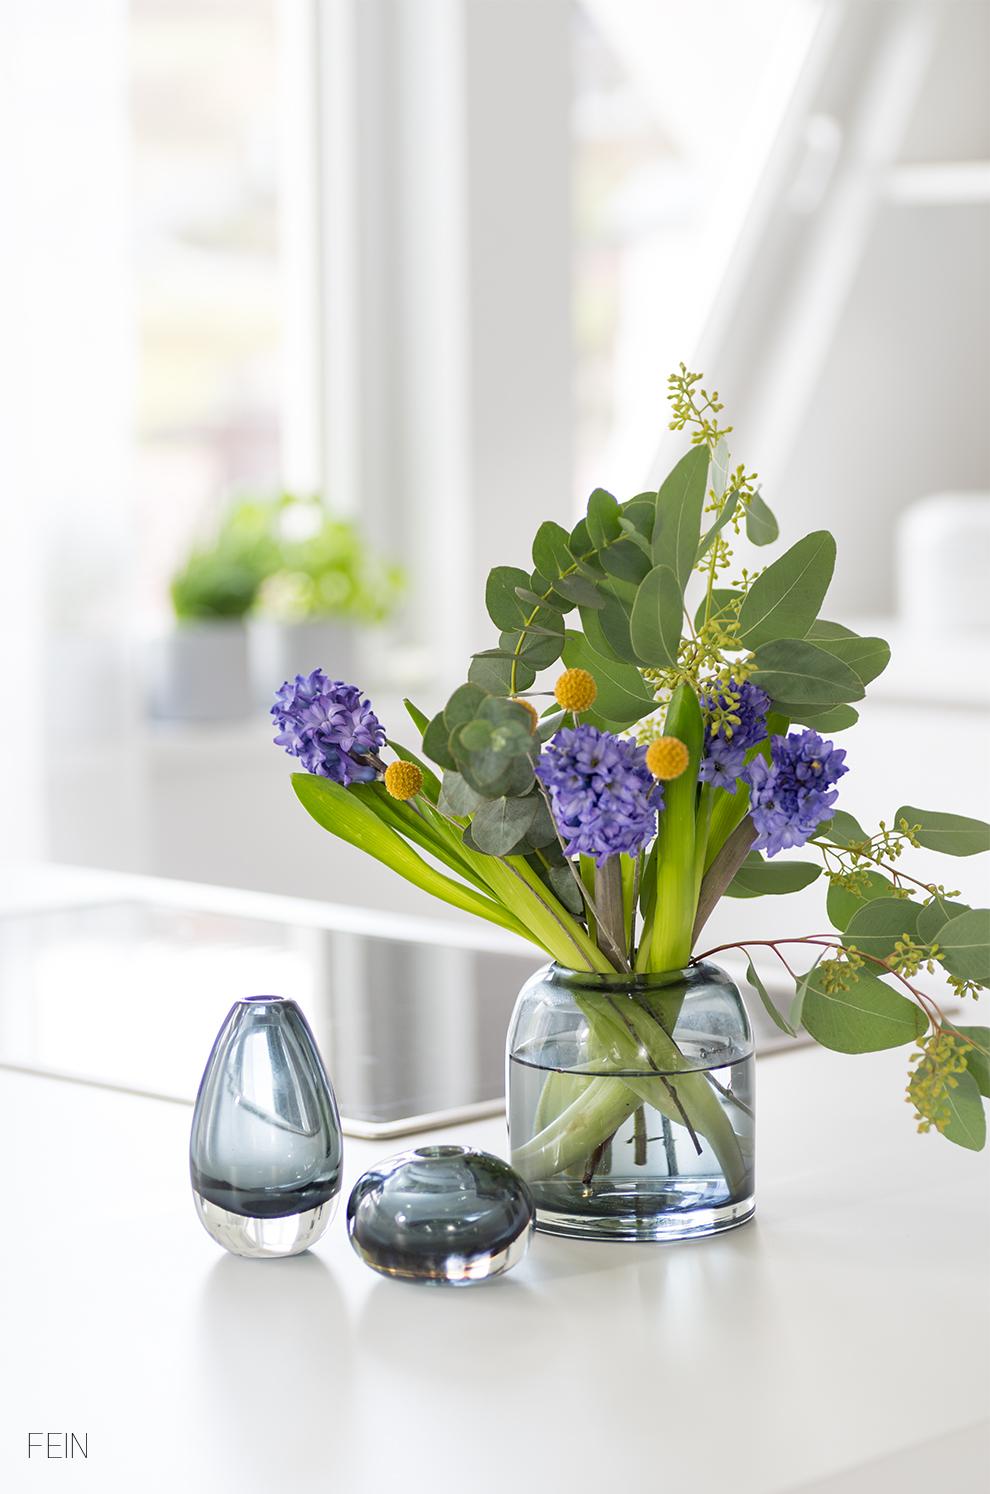 Pflanzen Schnittblumen Vasen